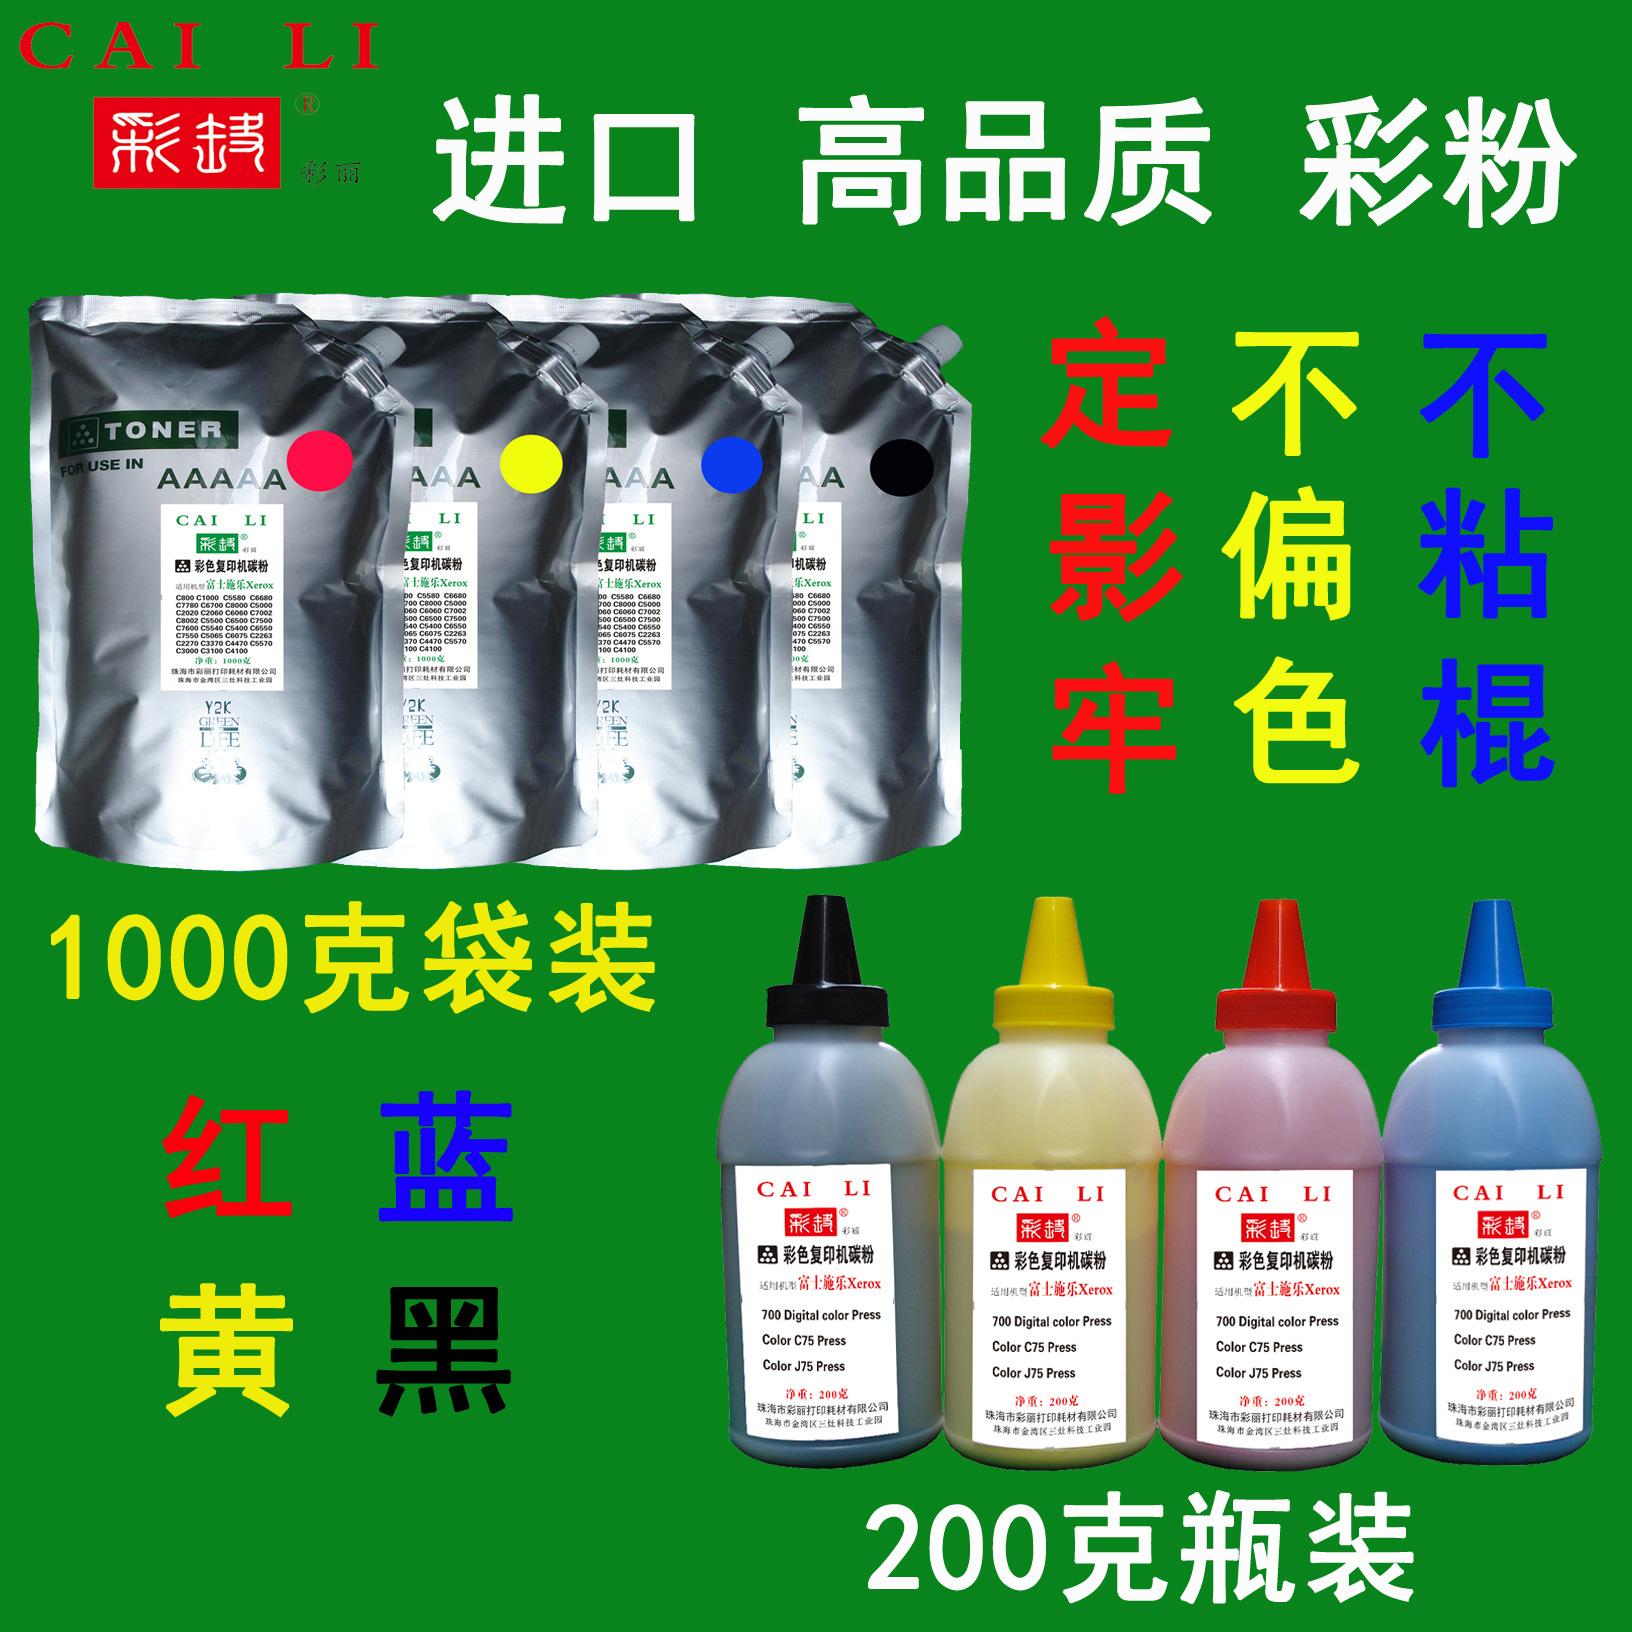 高性价比 适用 利盟 X543 X544 彩色碳粉 粉盒墨粉